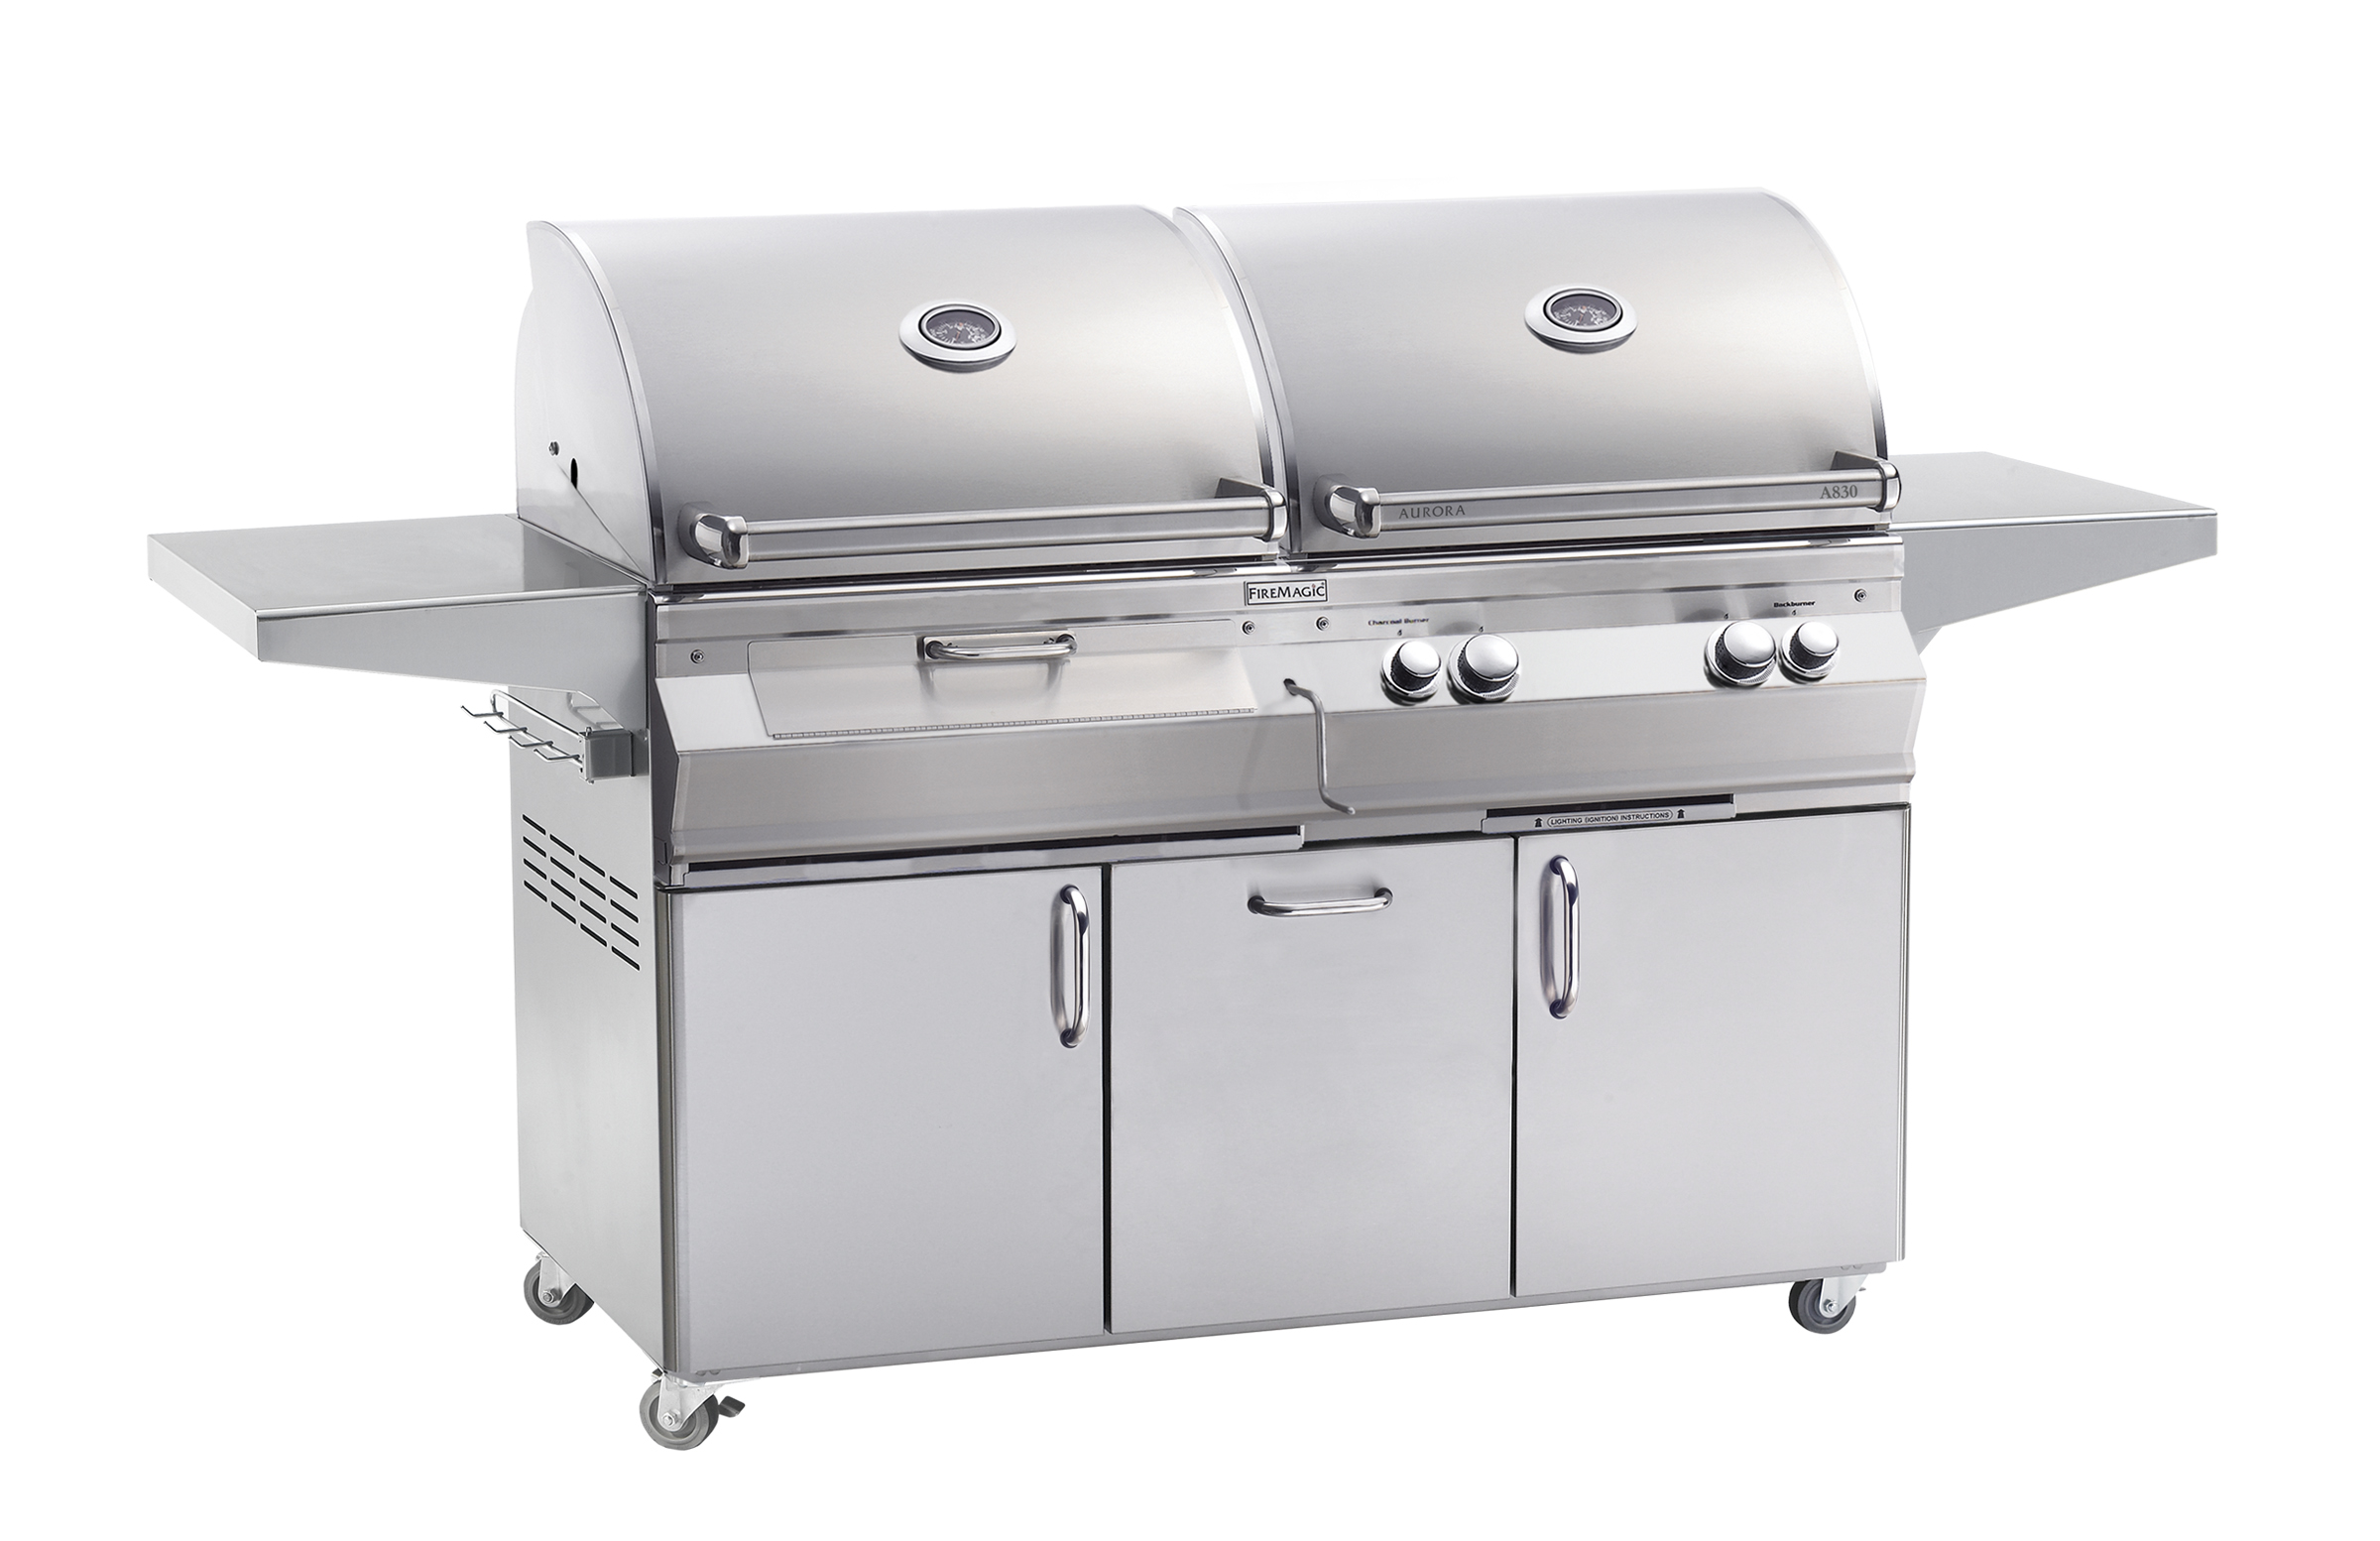 fm-a830s-aurora-combo-portable-grill.jpg